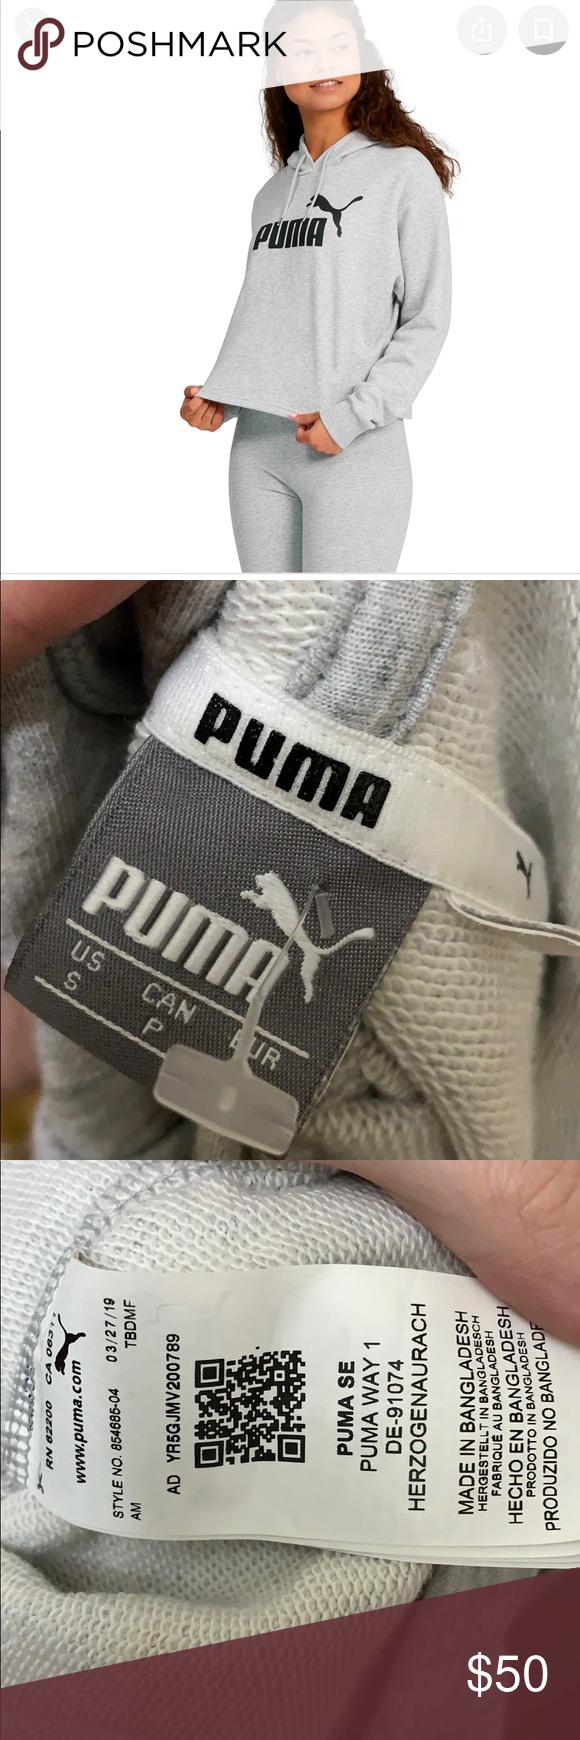 prodotto plus puma